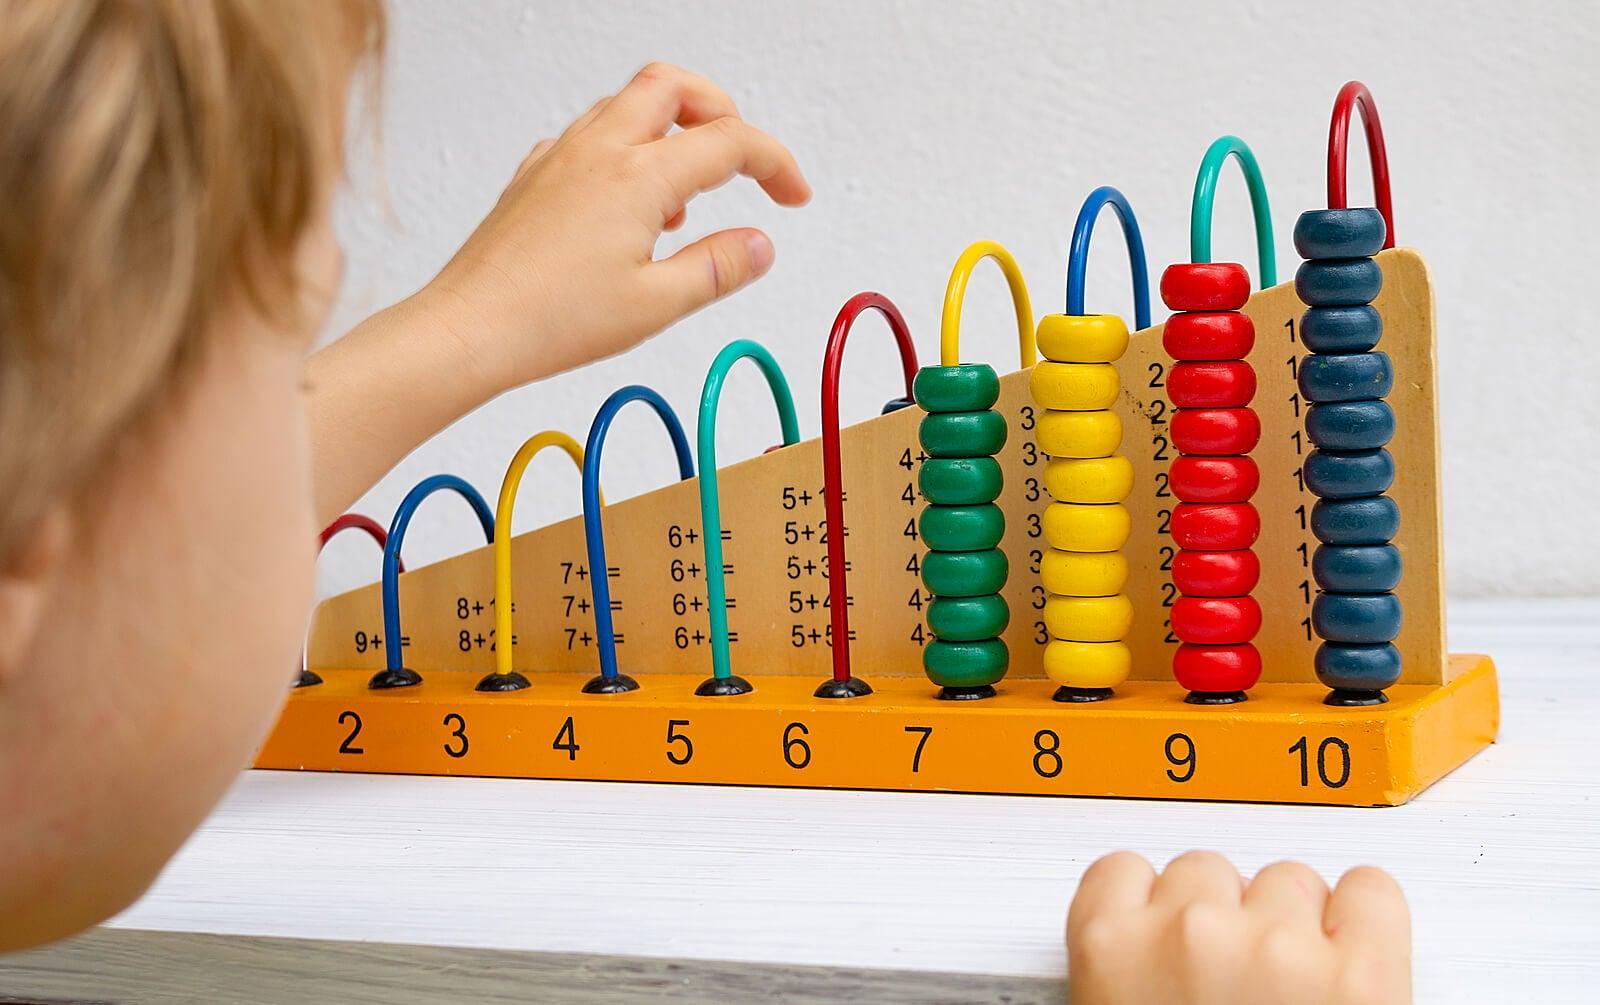 Niño aprendiendo matemáticas tempranas con un ábaco gracias al método Montessori.